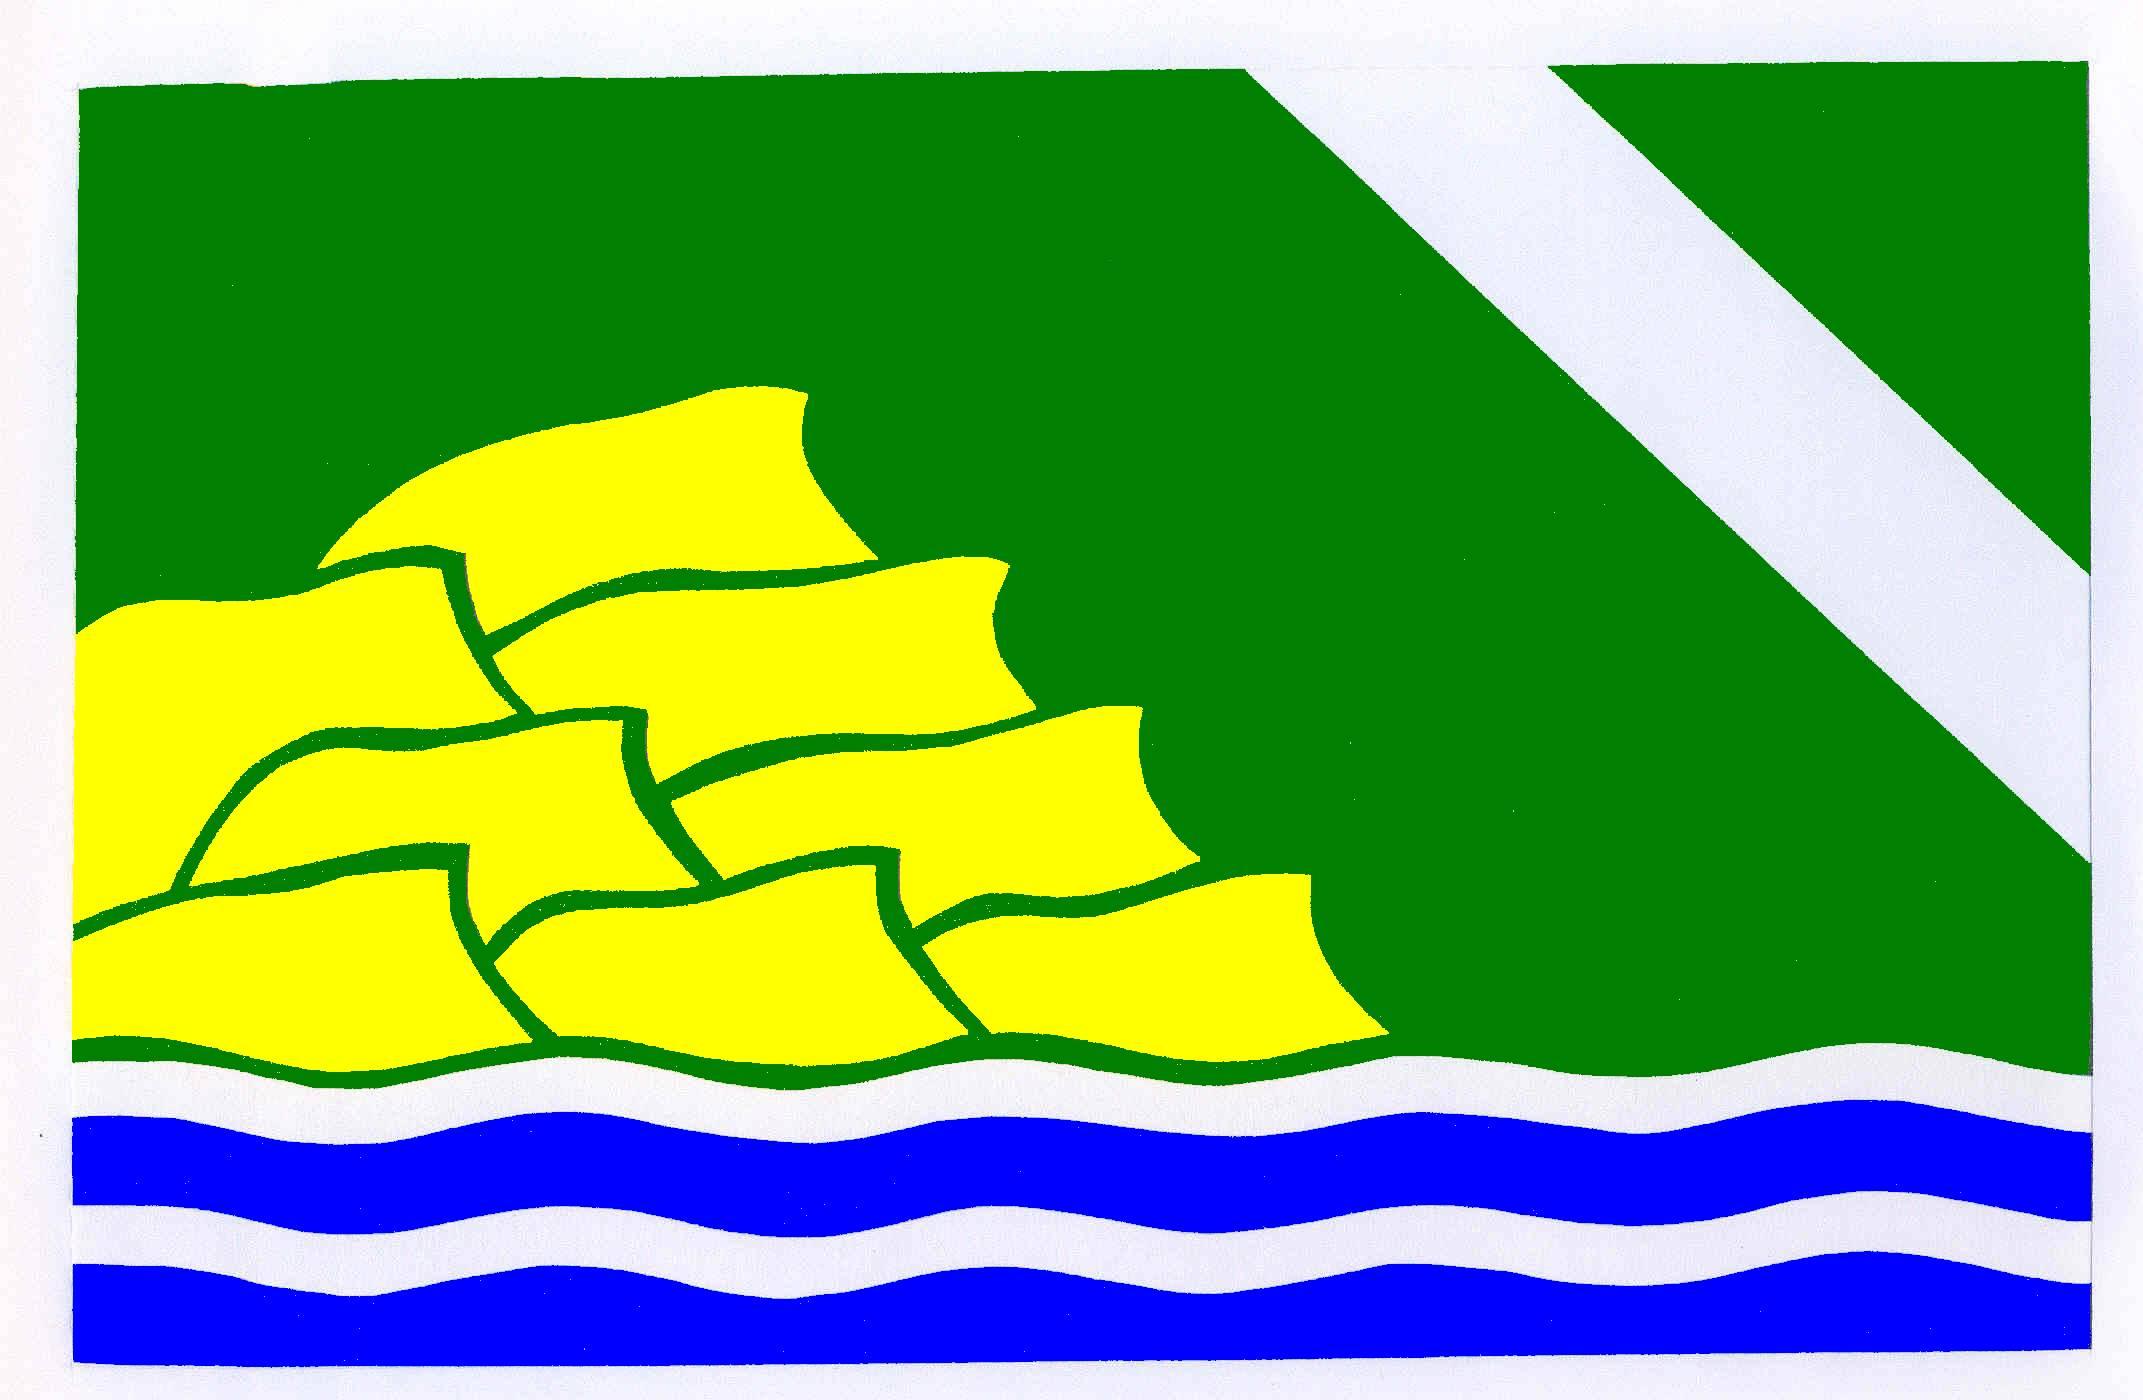 Flagge GemeindeSüderlügum, Kreis Nordfriesland